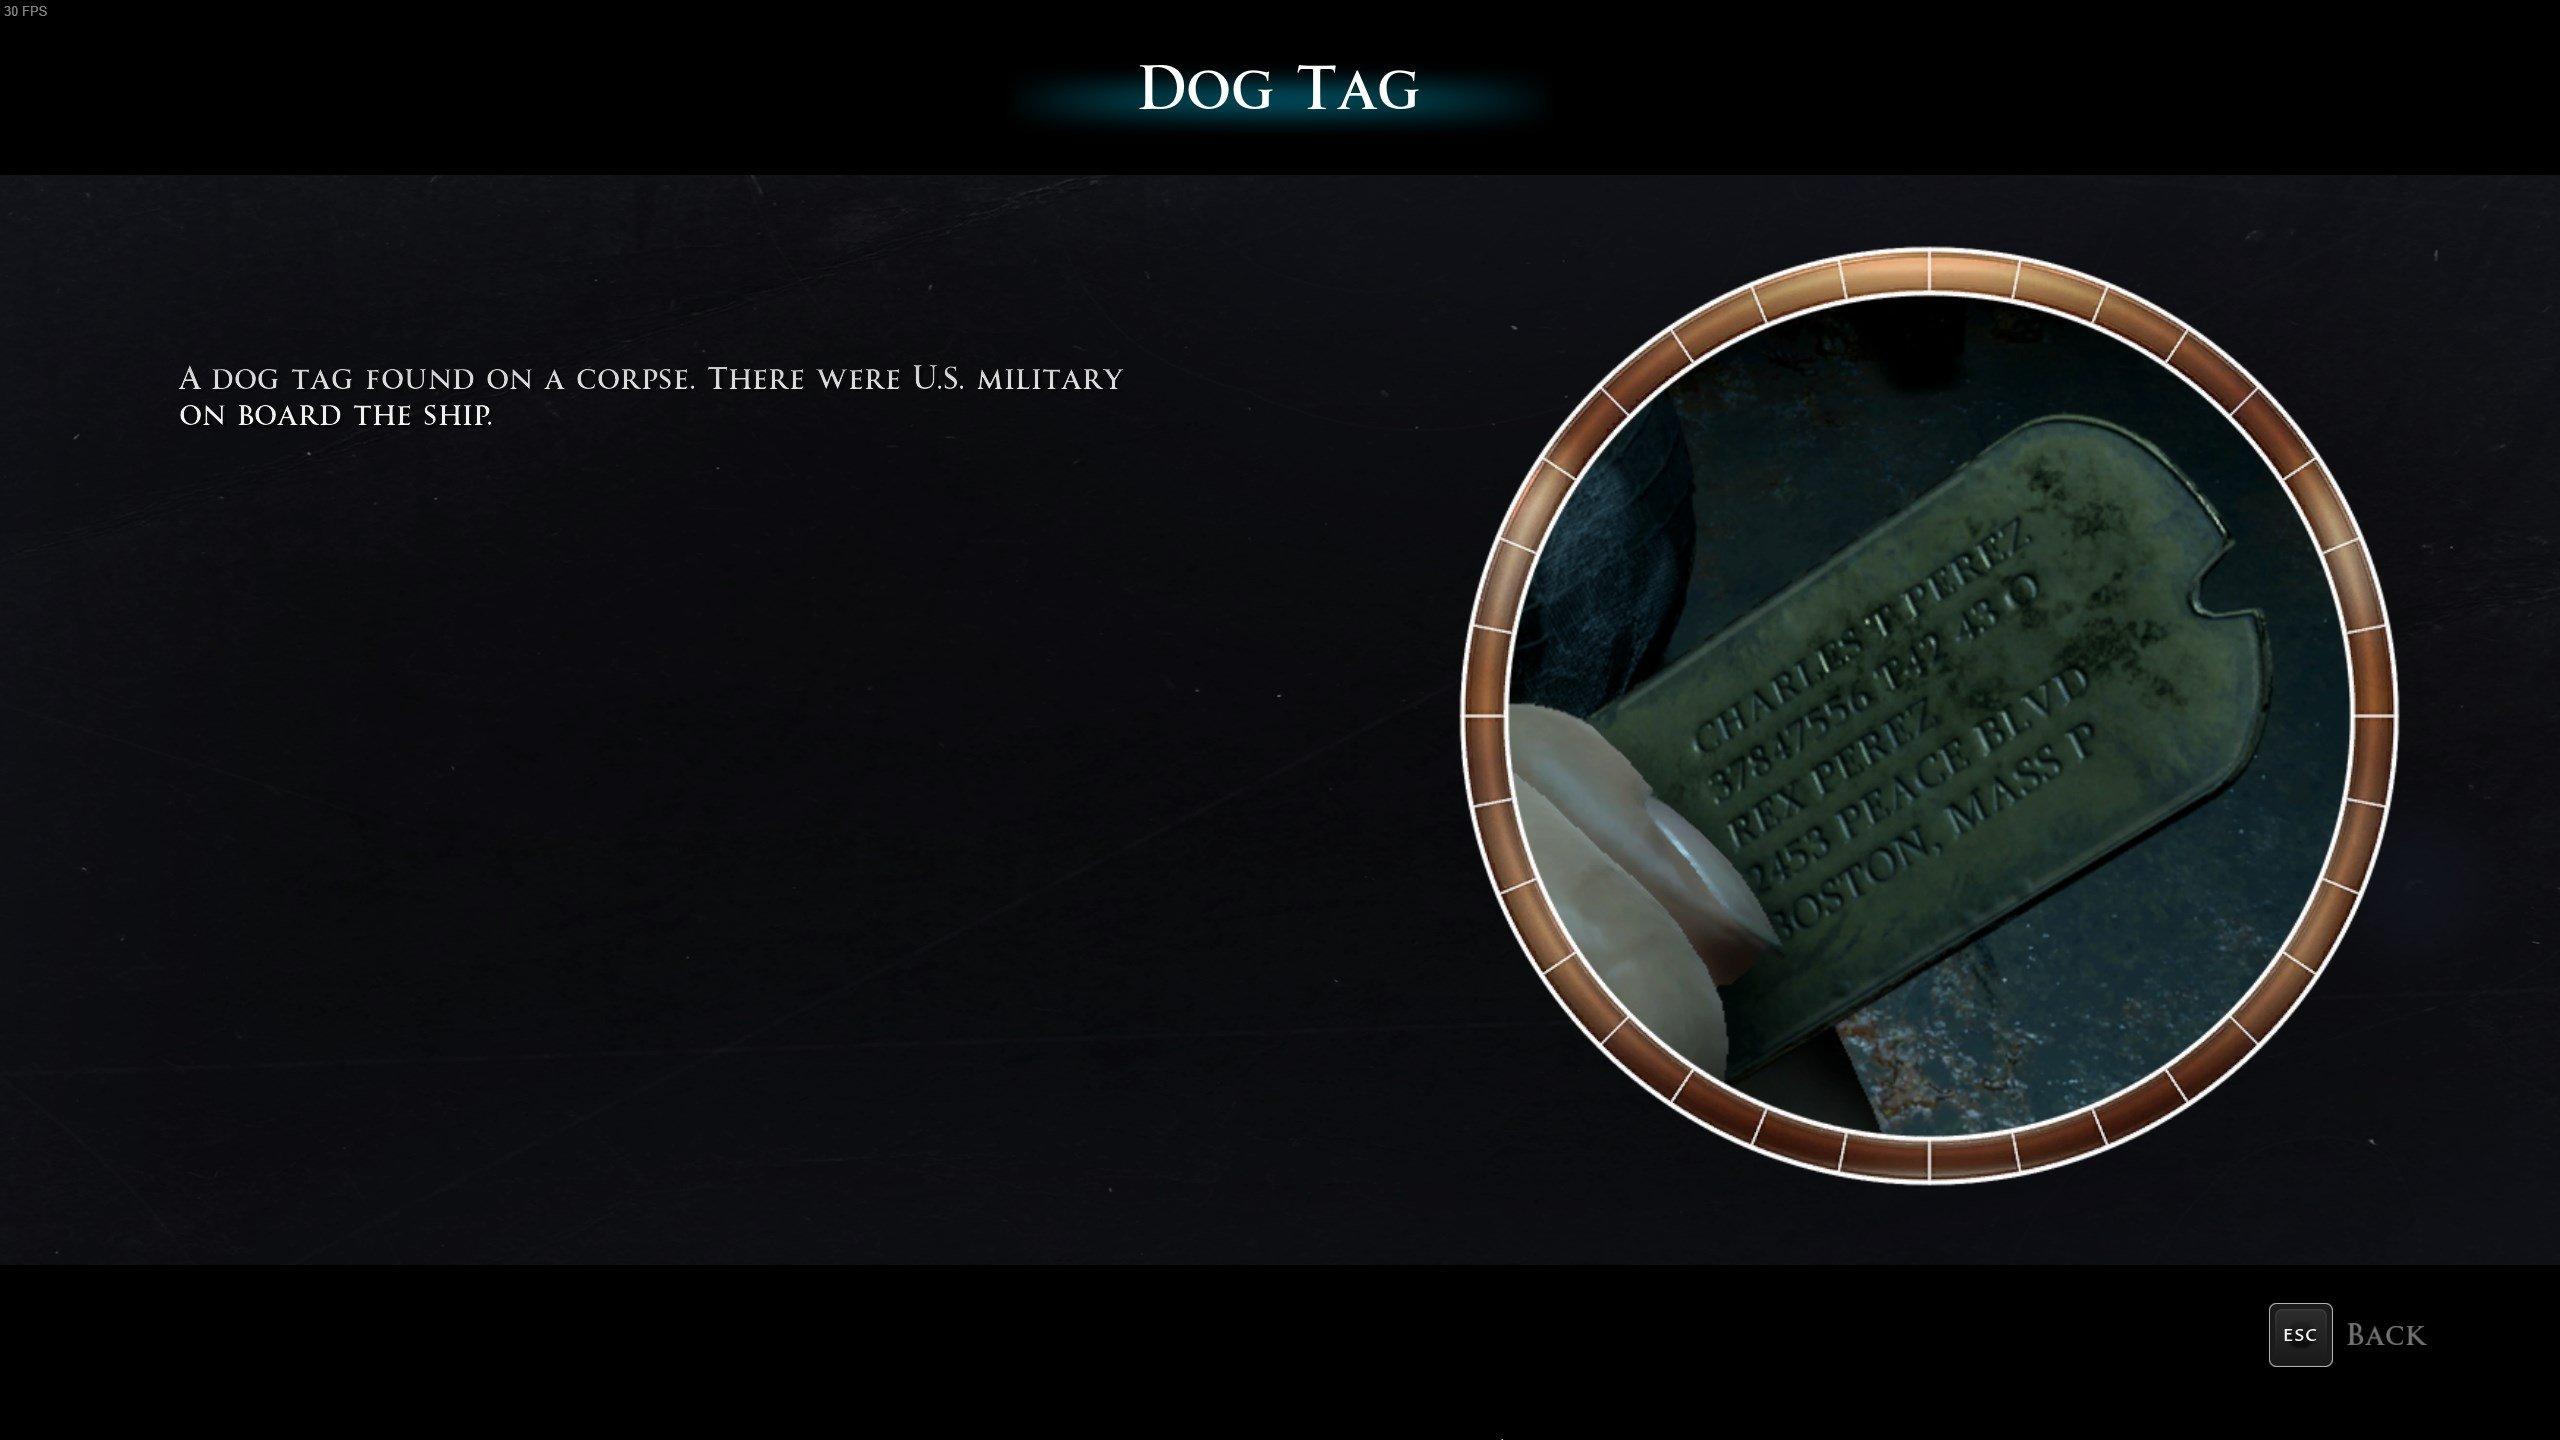 رجل ميدان السري - علامة الكلب